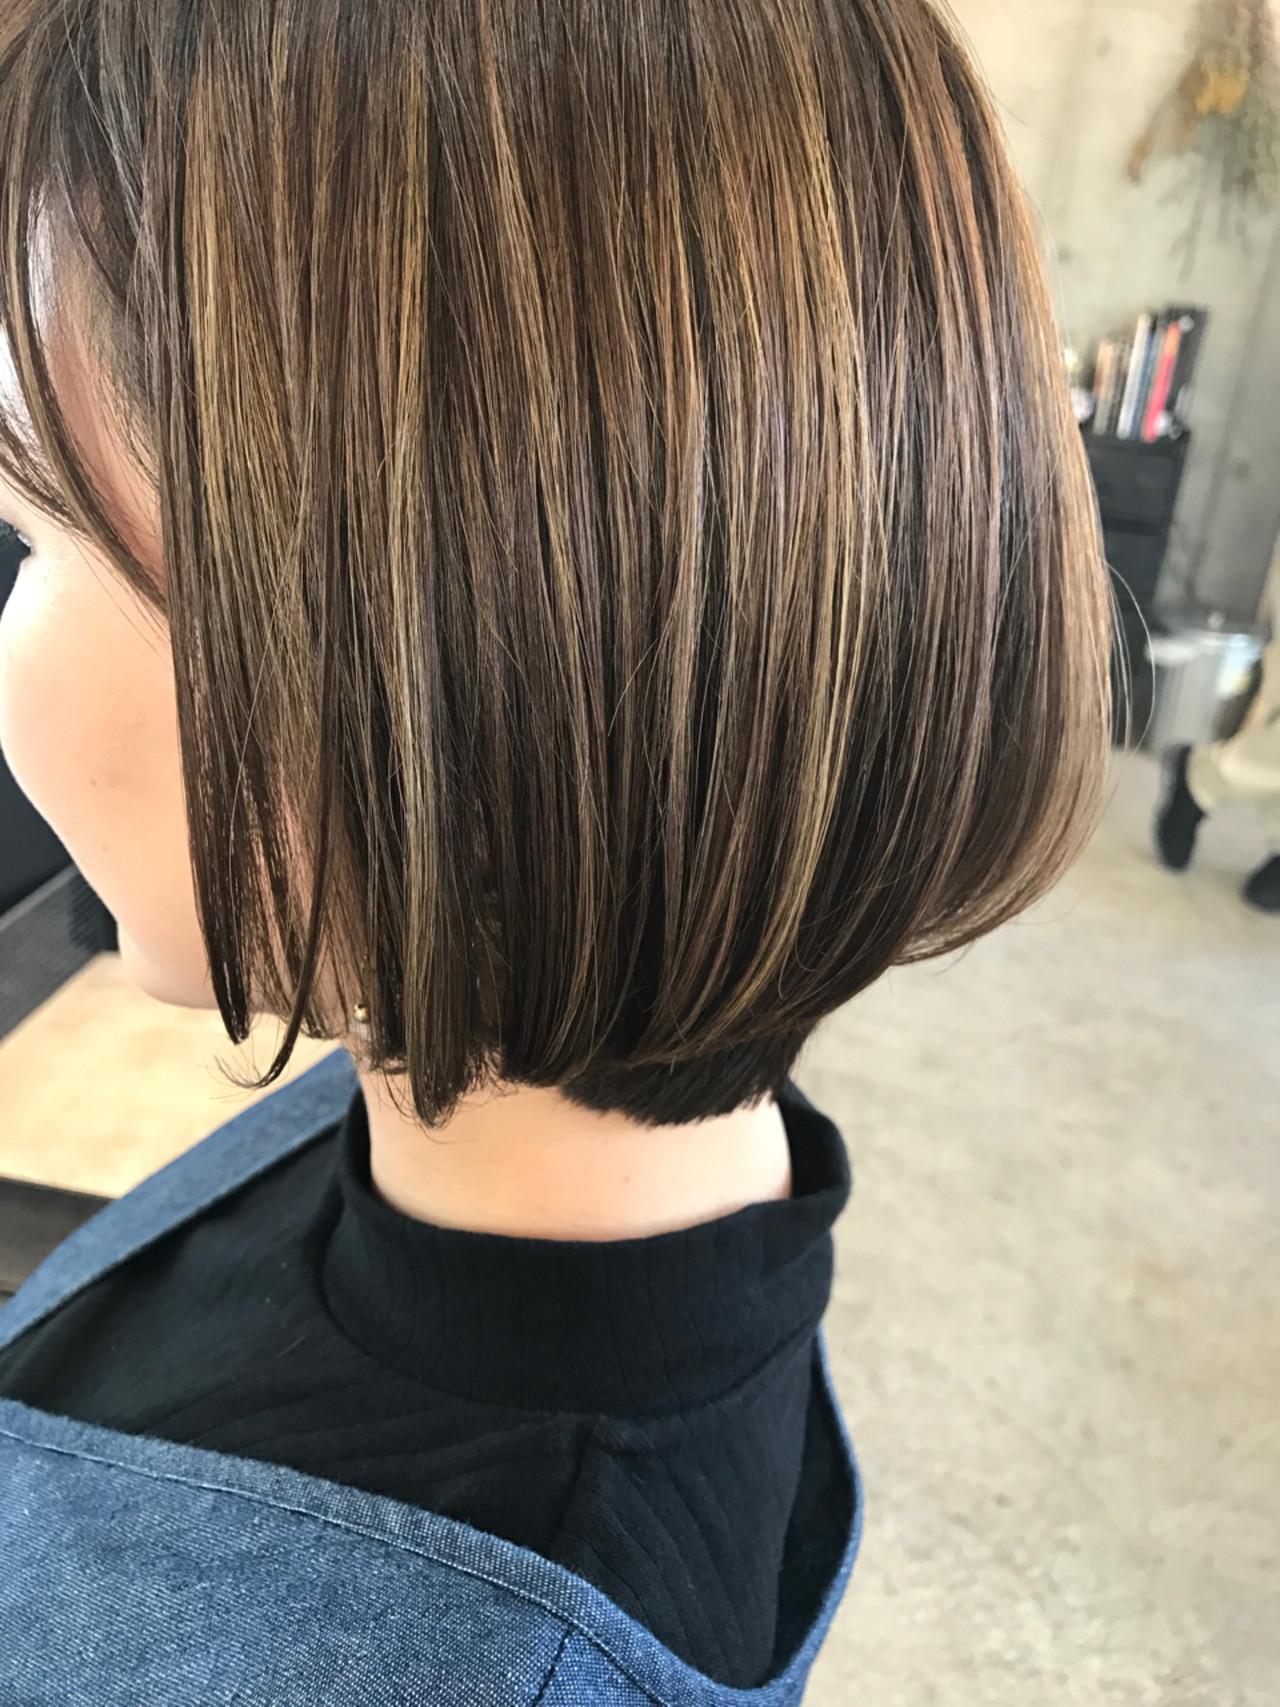 ボブ ローライト イルミナカラー ハイライト ヘアスタイルや髪型の写真・画像 | bond_hiroe / bond